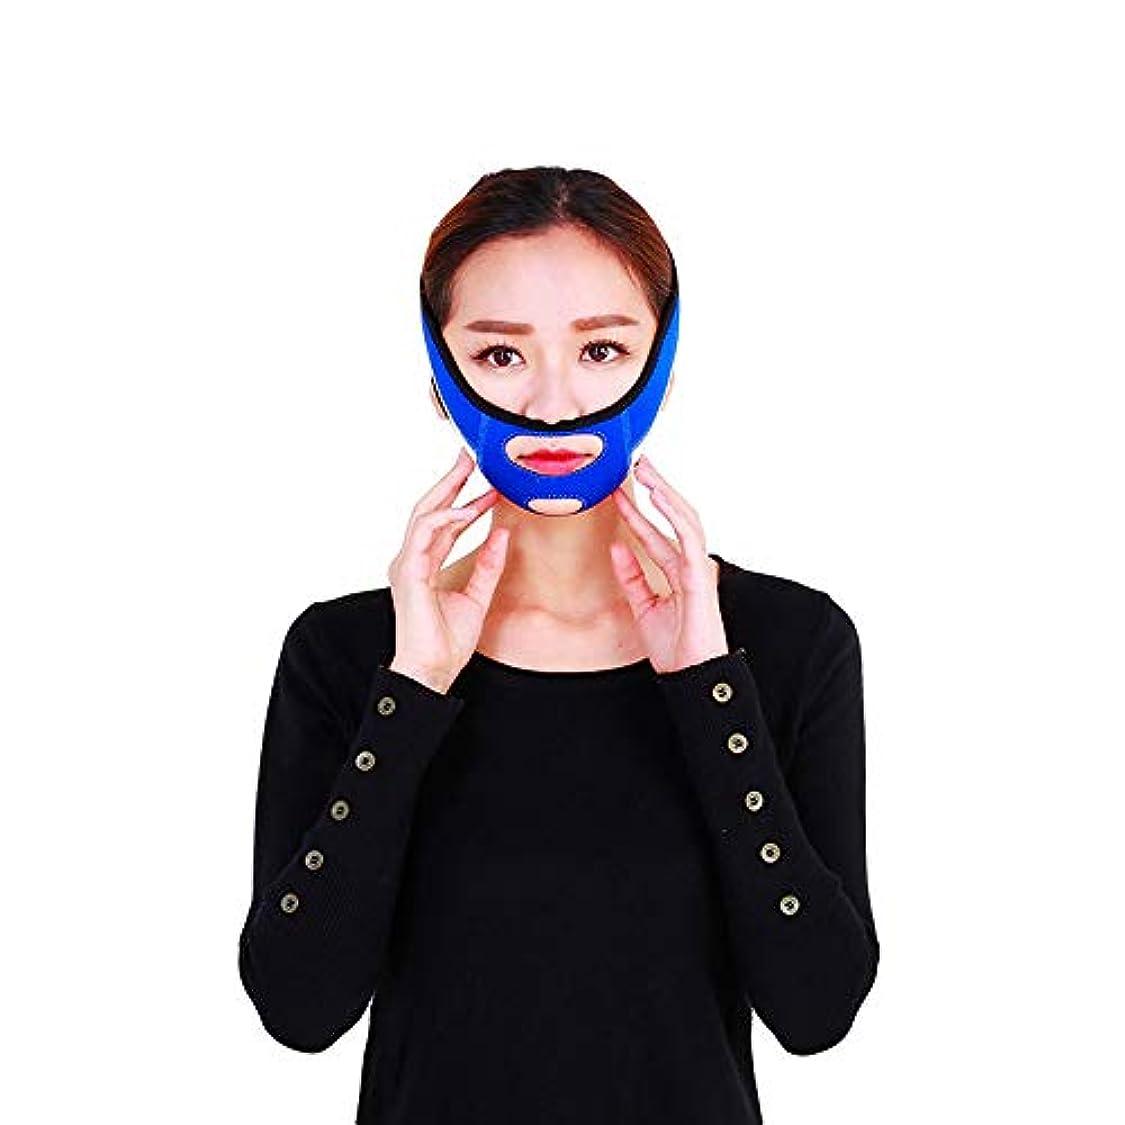 手配する壊滅的な子供っぽいXINGZHE フェイシャルリフティング痩身ベルトフェーススリム二重あごを取り除くアンチエイジングリンクルフェイス包帯マスク整形マスクが顔を引き締める フェイスリフティングベルト